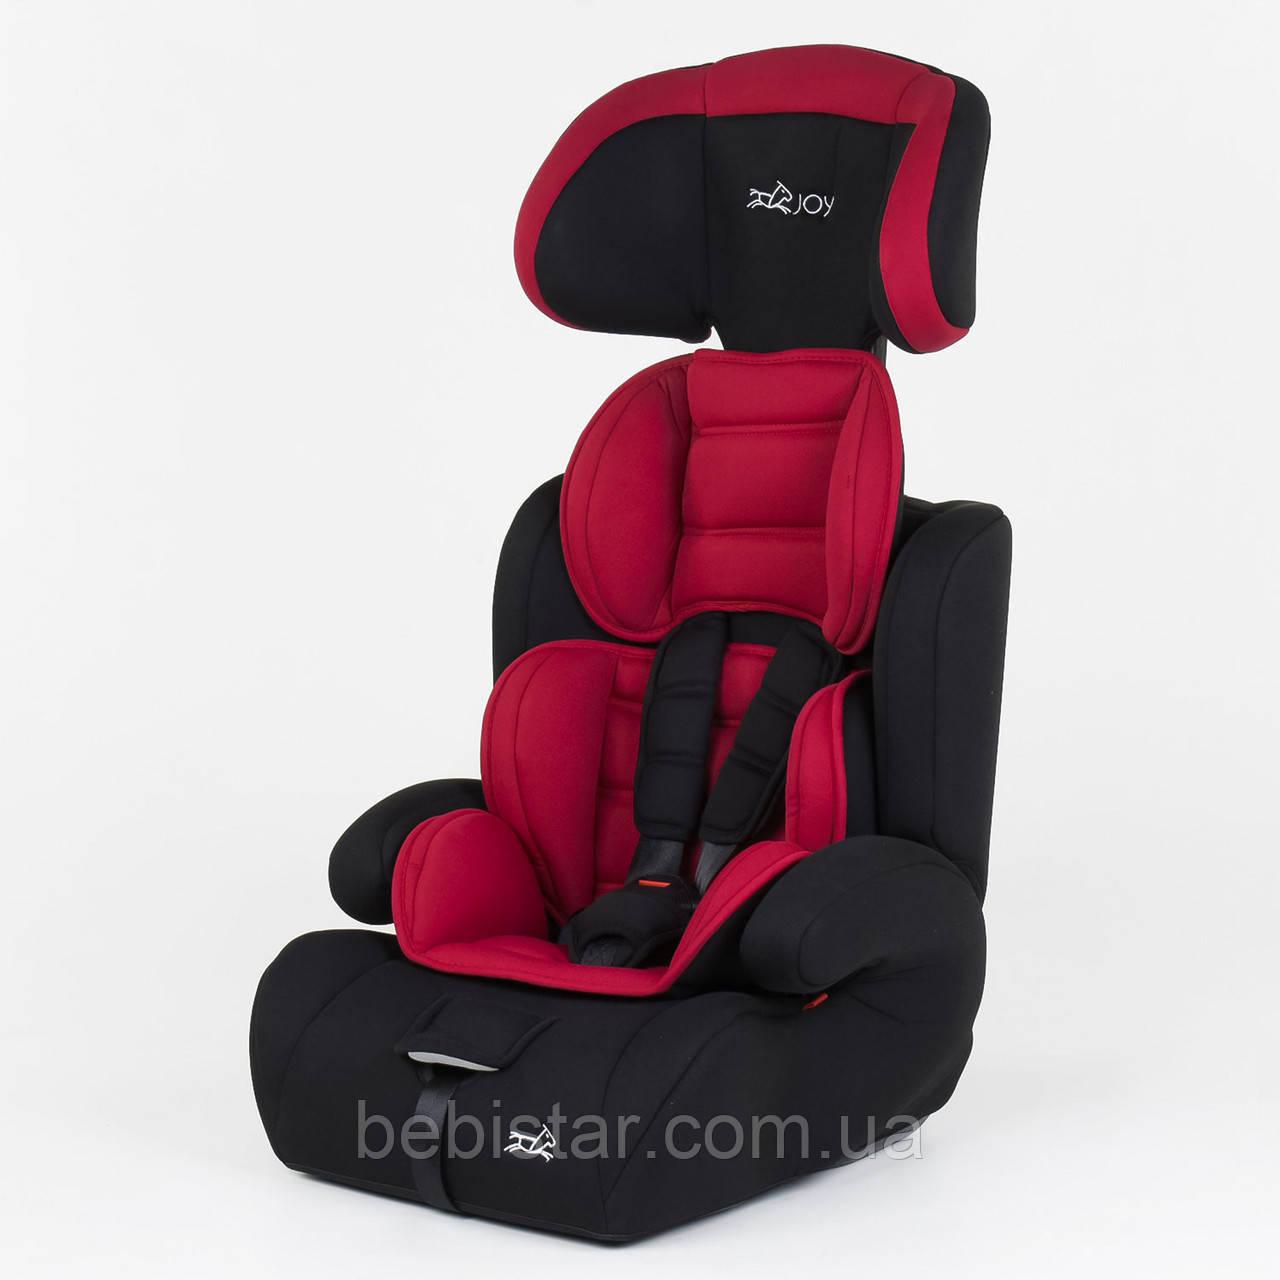 Детское автокресло черное с красным вкладышем JOY